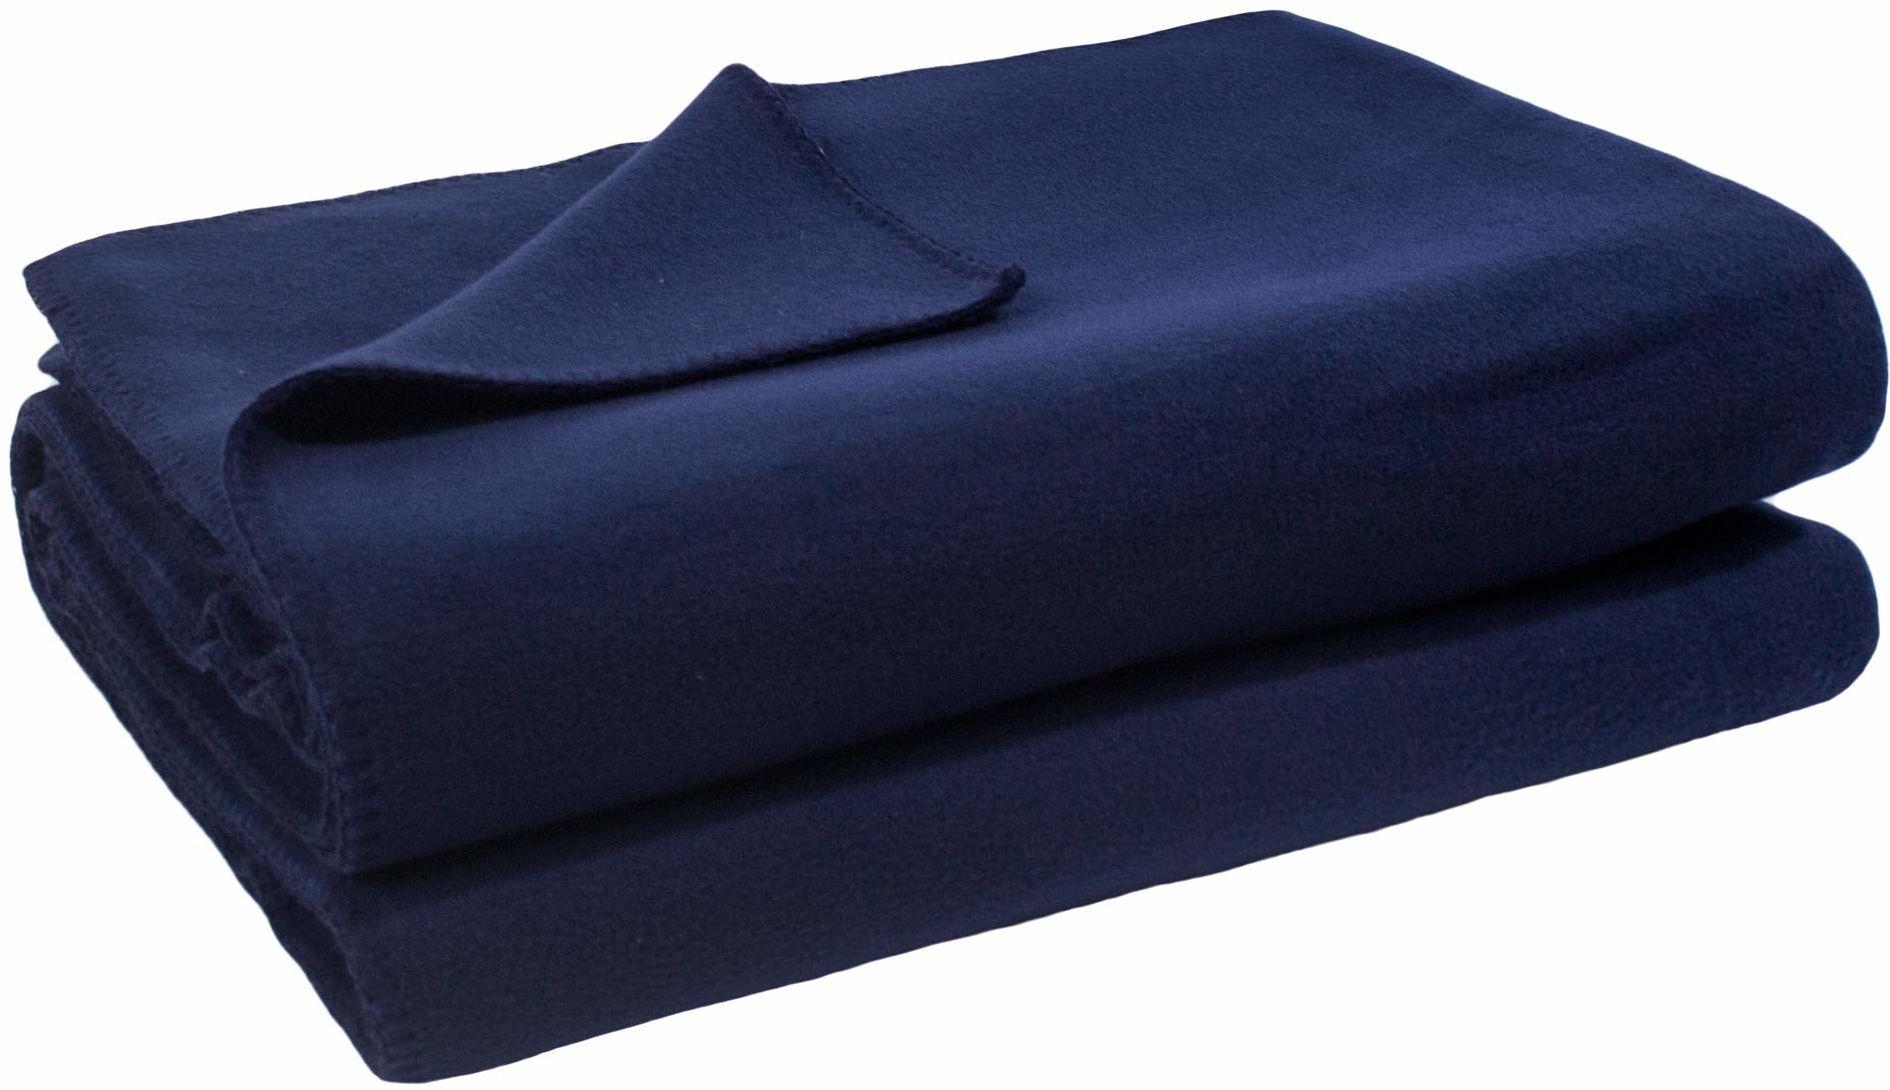 zoeppritz since 1828 miękki koc polarowy z haftem szydełkowym, miękki koc do wtulania się, 110 x 150 cm, 595 dark marina